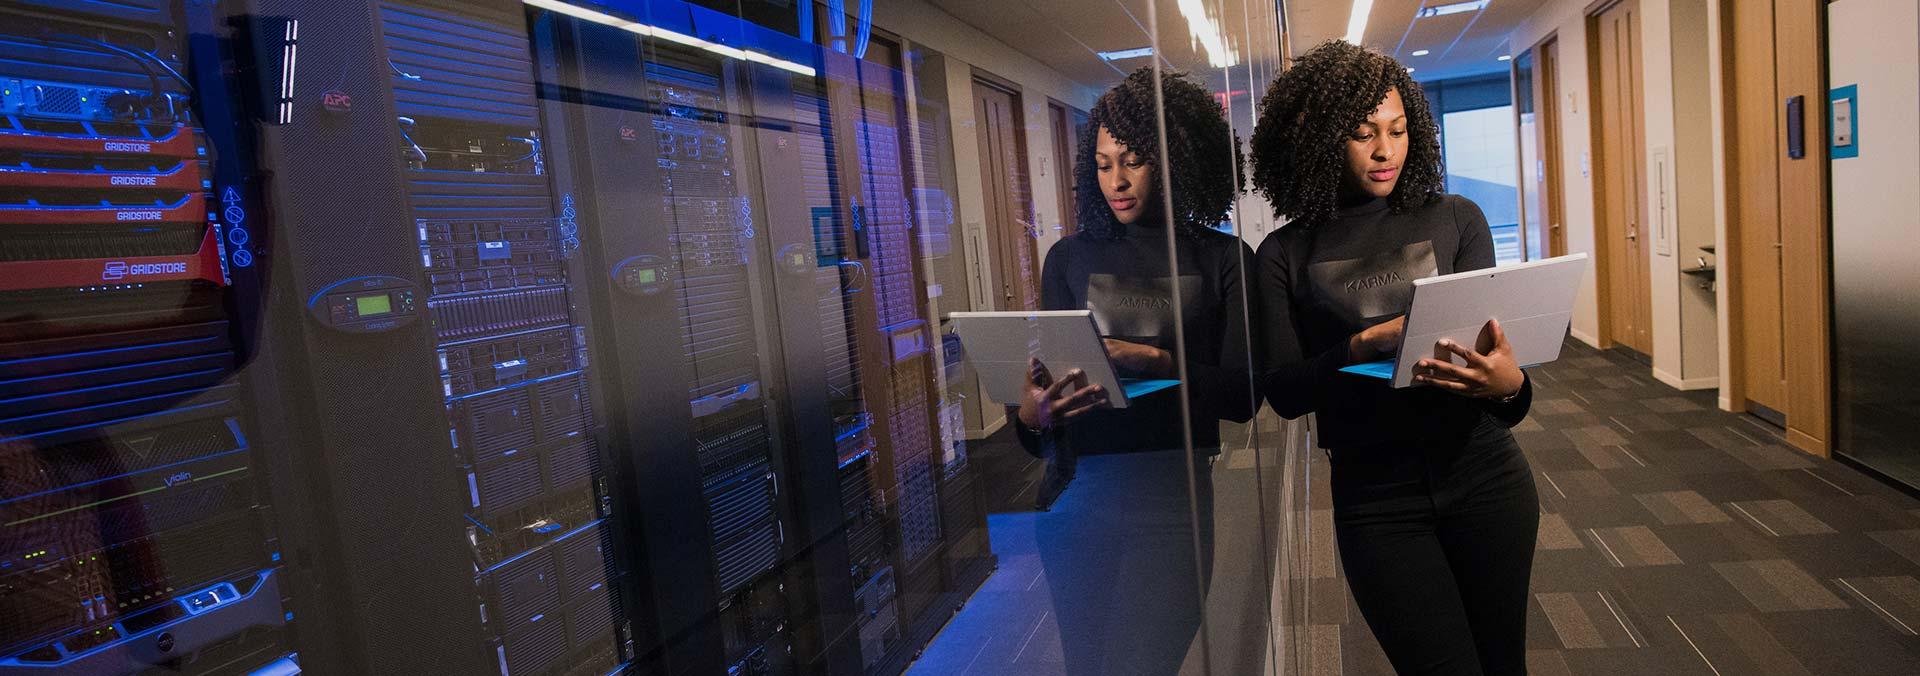 woman-standing-using-a-laptop-near-a-server-technology-africa